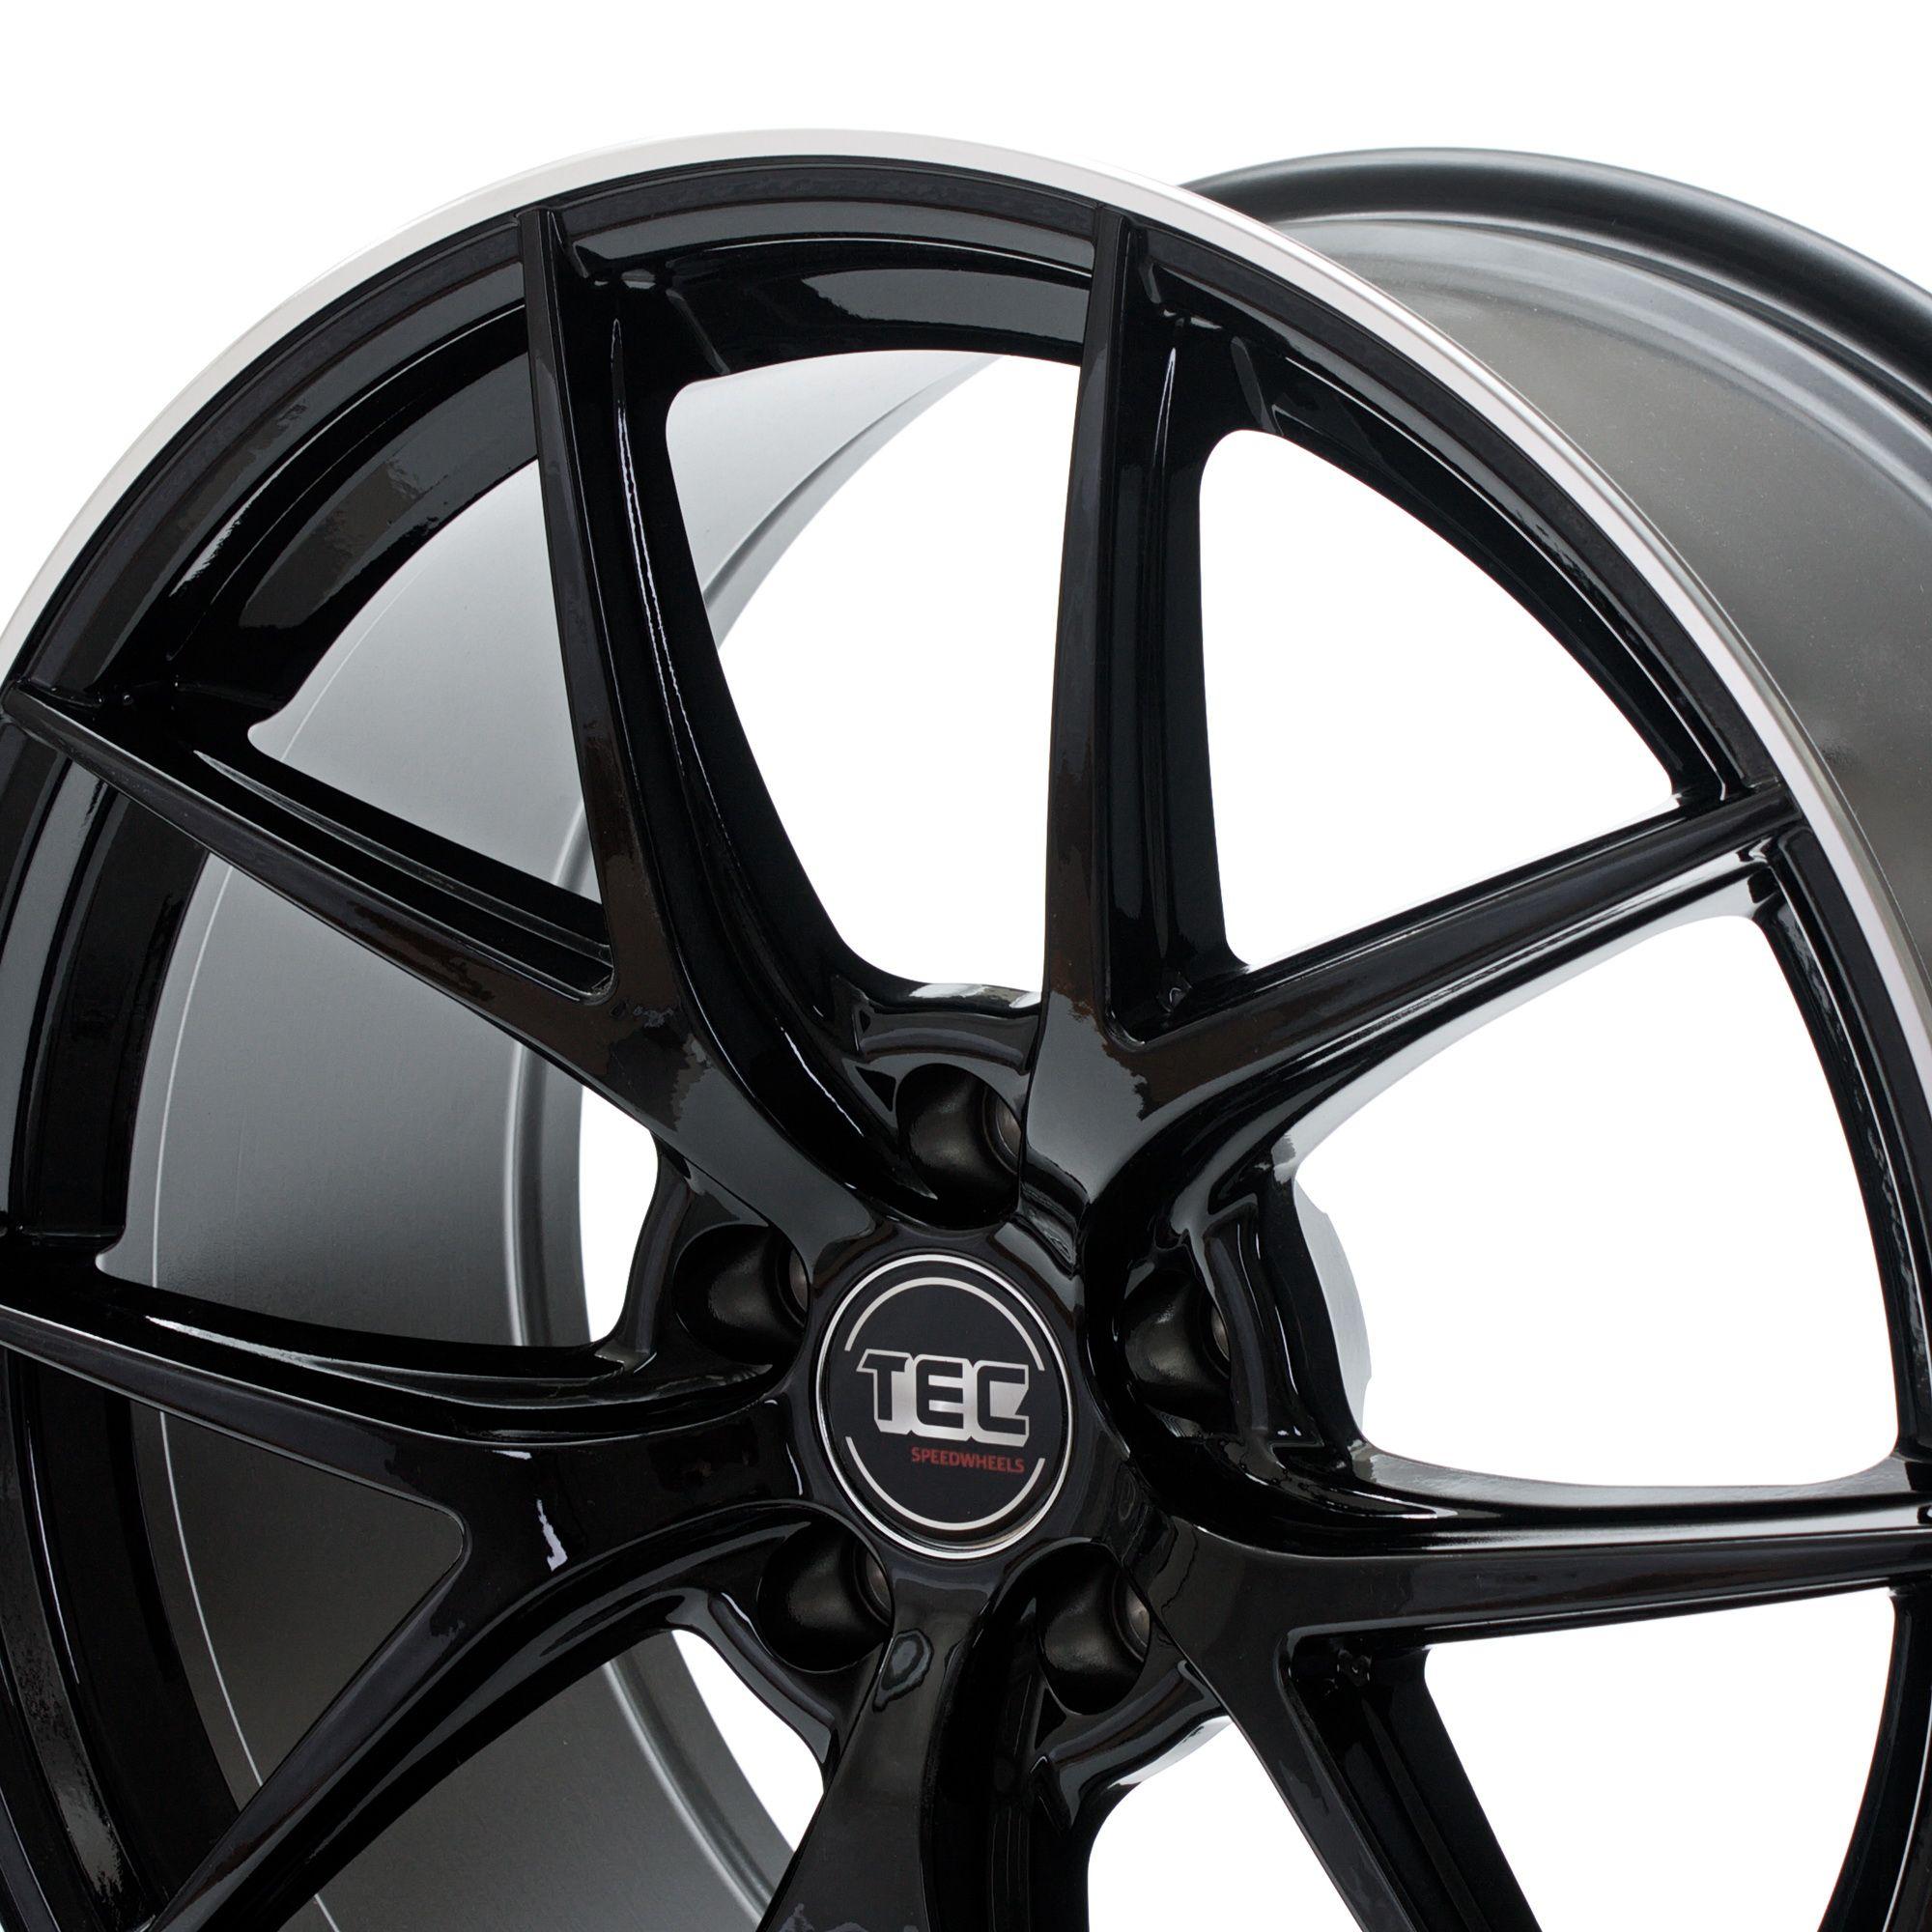 tec speedwheels gt6 felgen black polished lip silber. Black Bedroom Furniture Sets. Home Design Ideas